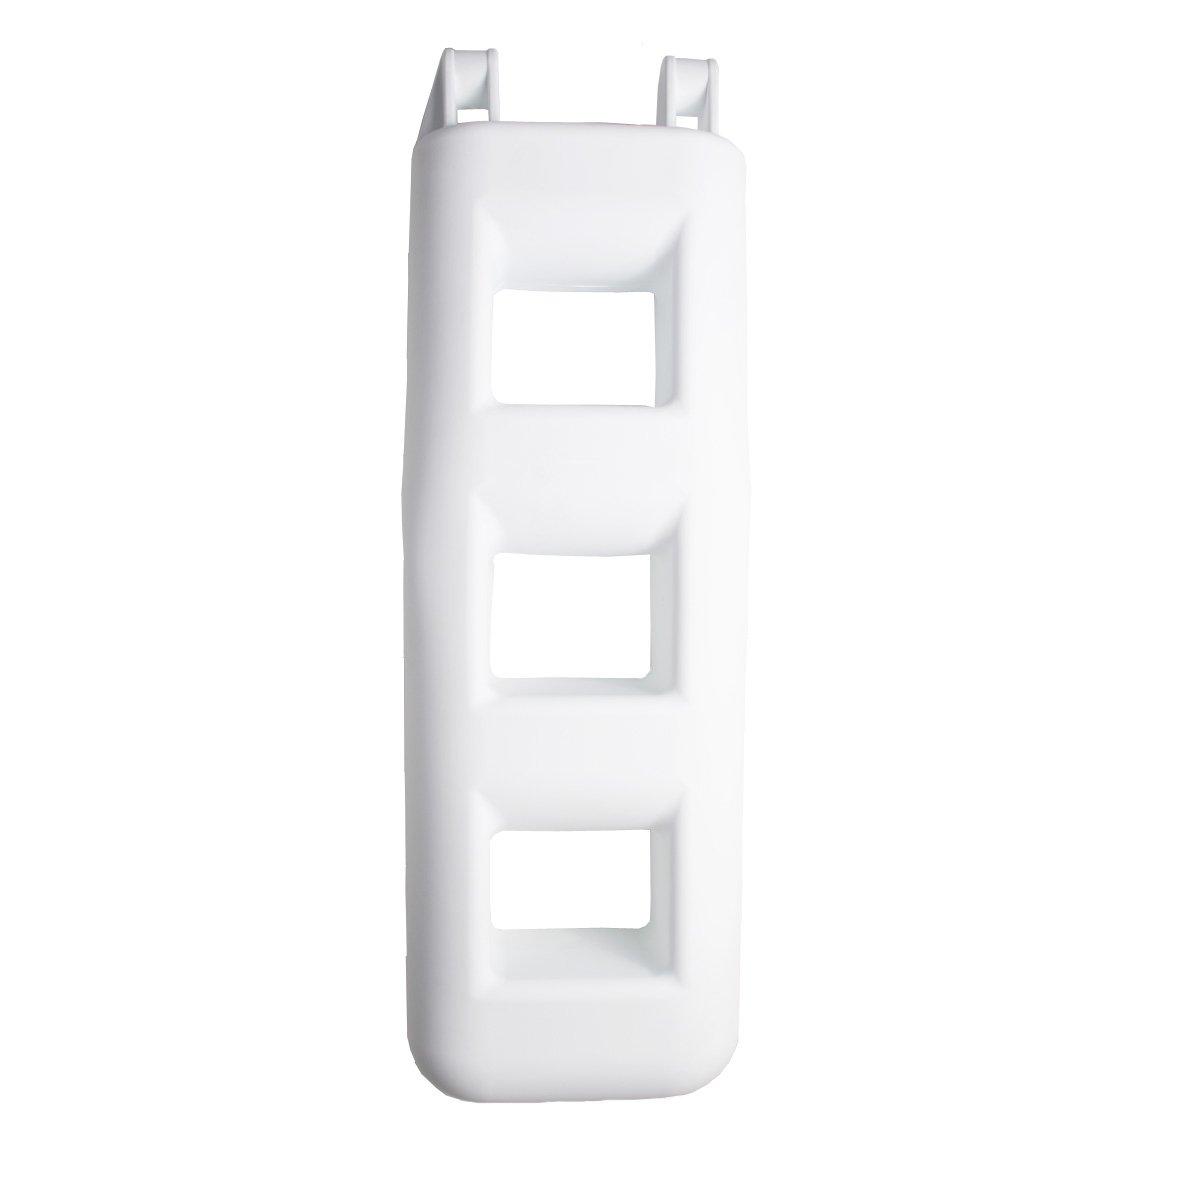 Majoni Fender Leiter Badeleiter Wei/ß, Stufen: 3 L/änge: 750 mm